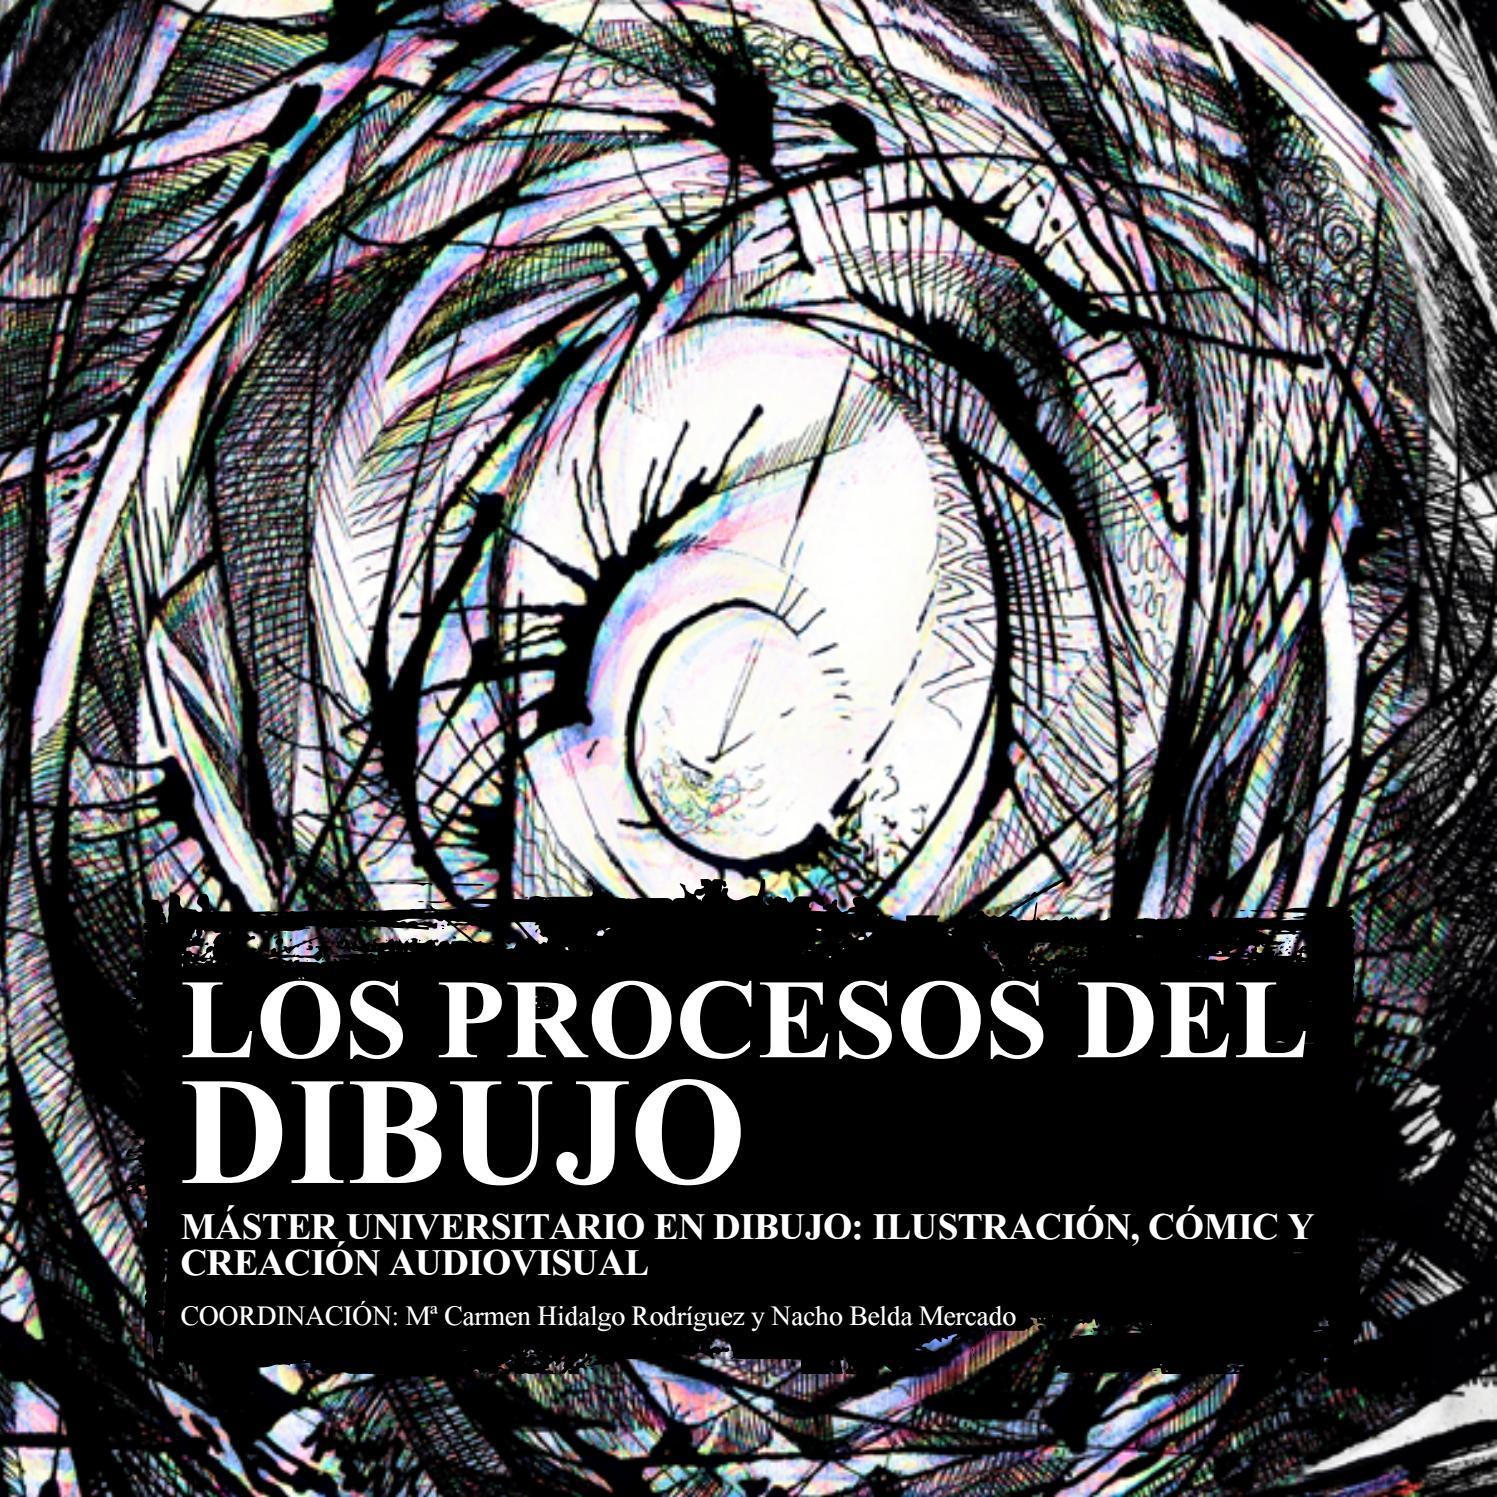 7aa099a834a5 LOS PROCESOS DEL DIBUJO by MÁSTER UNIVERSITARIO EN DIBUJO DE LA UNIVERSIDAD  DE GRANADA - issuu